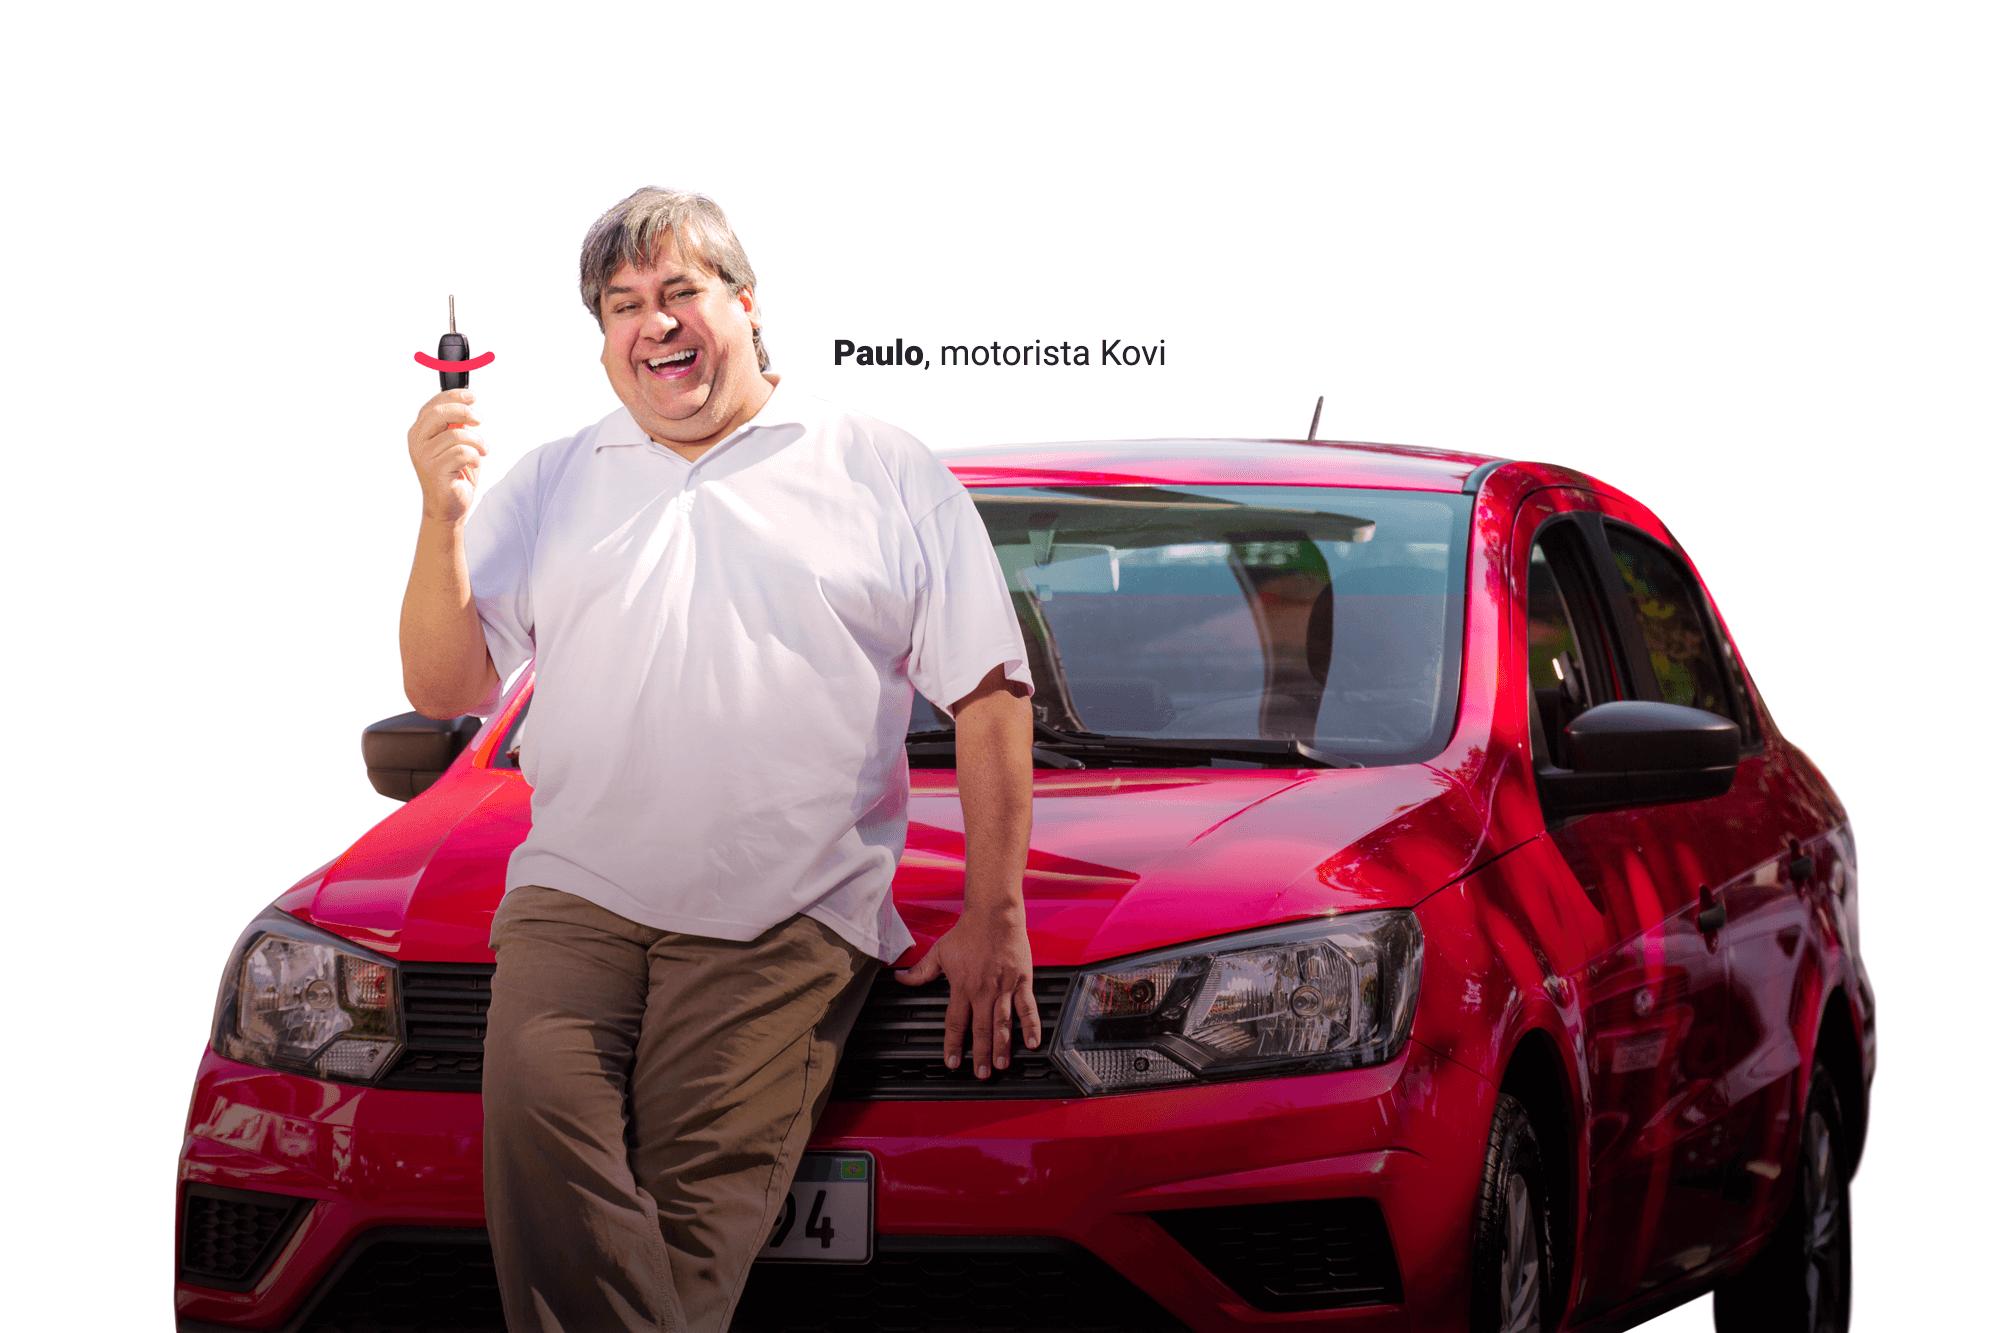 Foto do Paulo, motorista Kovi, sorrindo enquanto mostra a chave do carro no qual está sentado na frente.